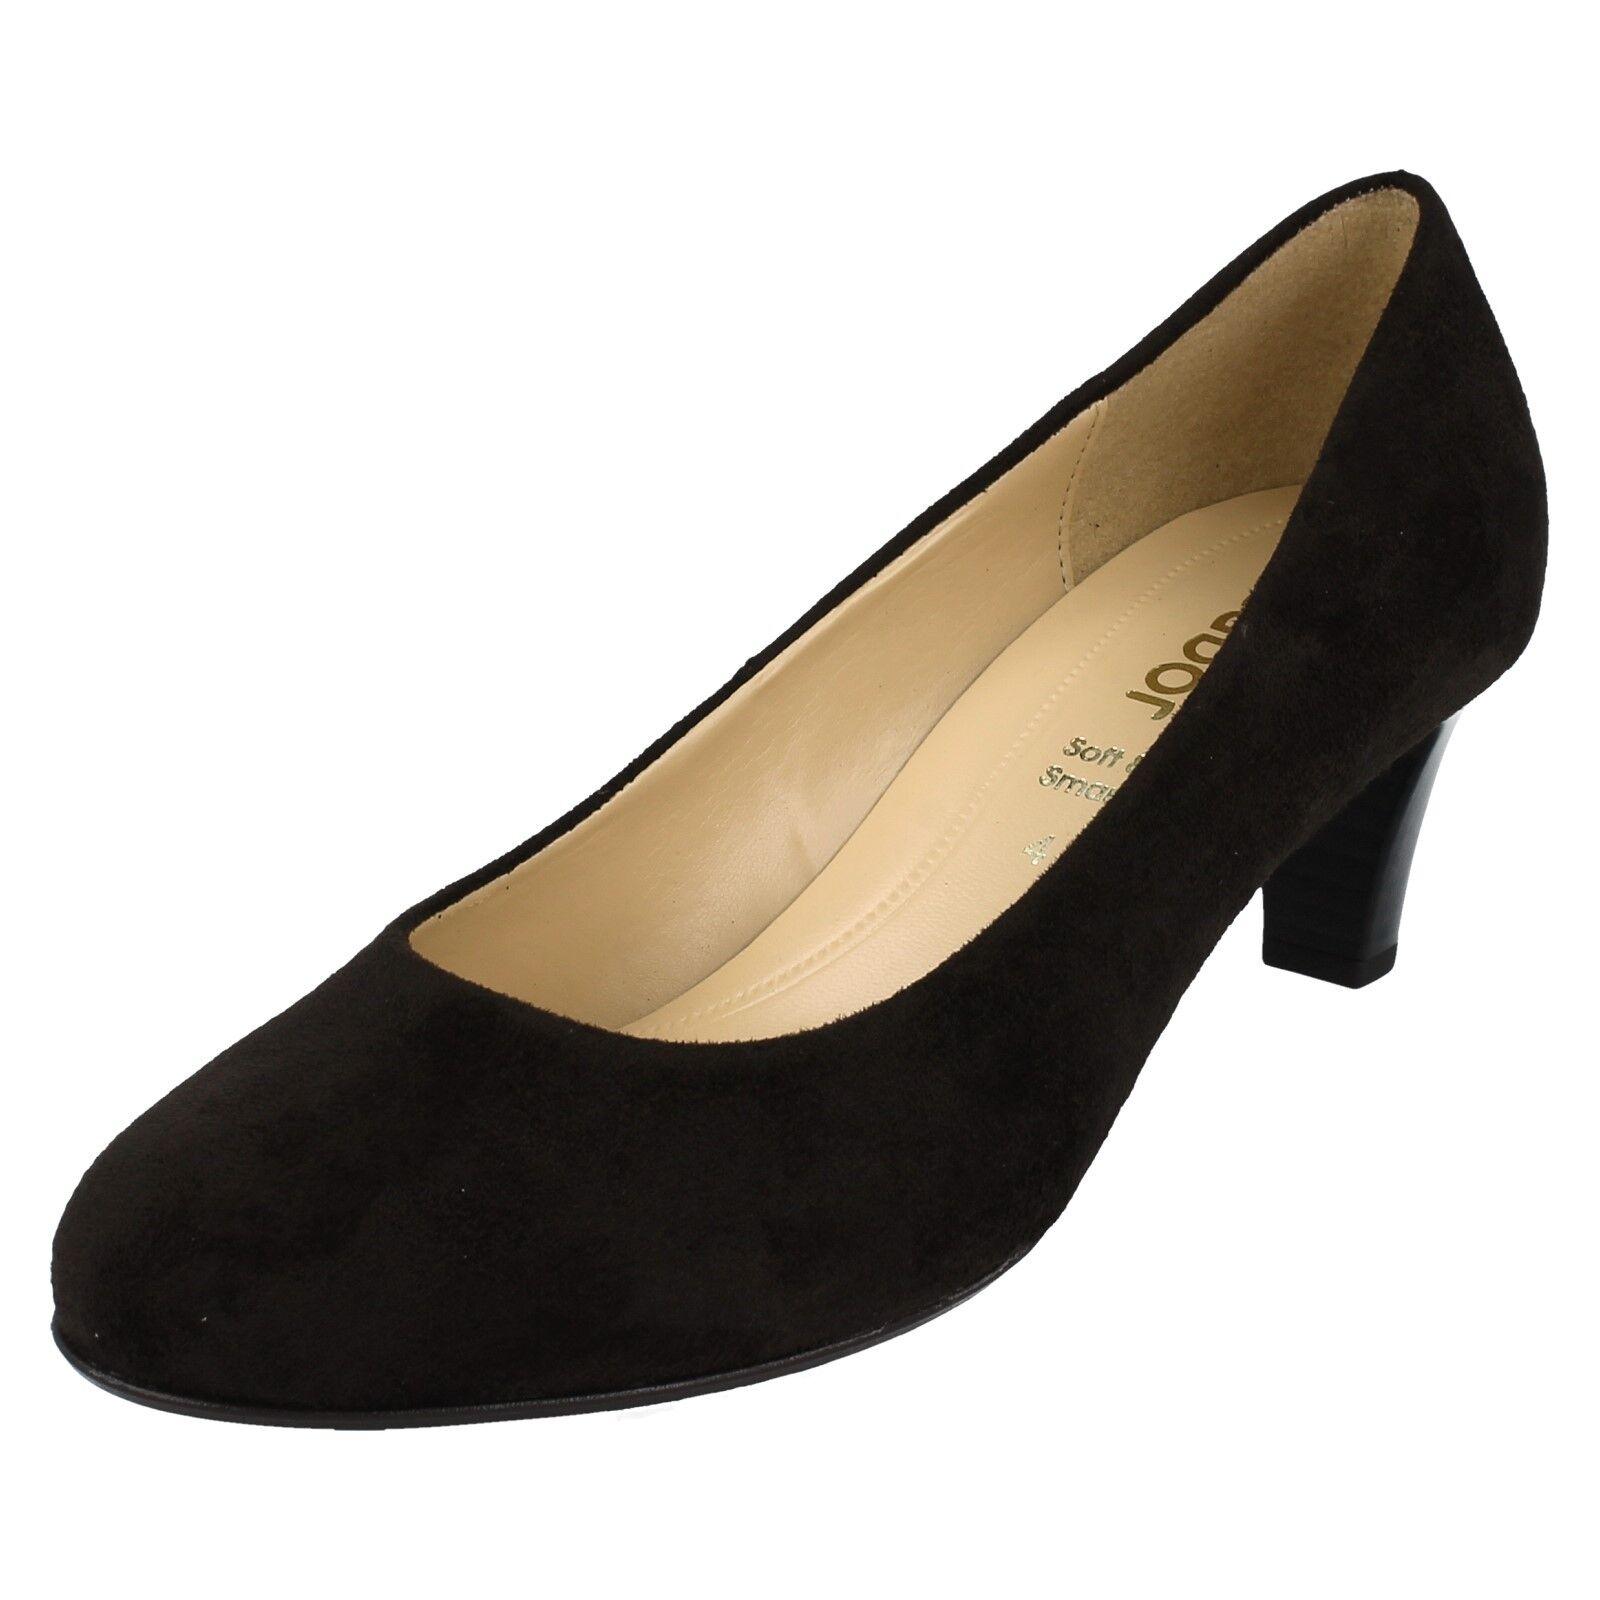 Mujer Mujer Mujer Gabor Zapatos de Salón Marrón Oscuro Microvelour 95300  Esperando por ti